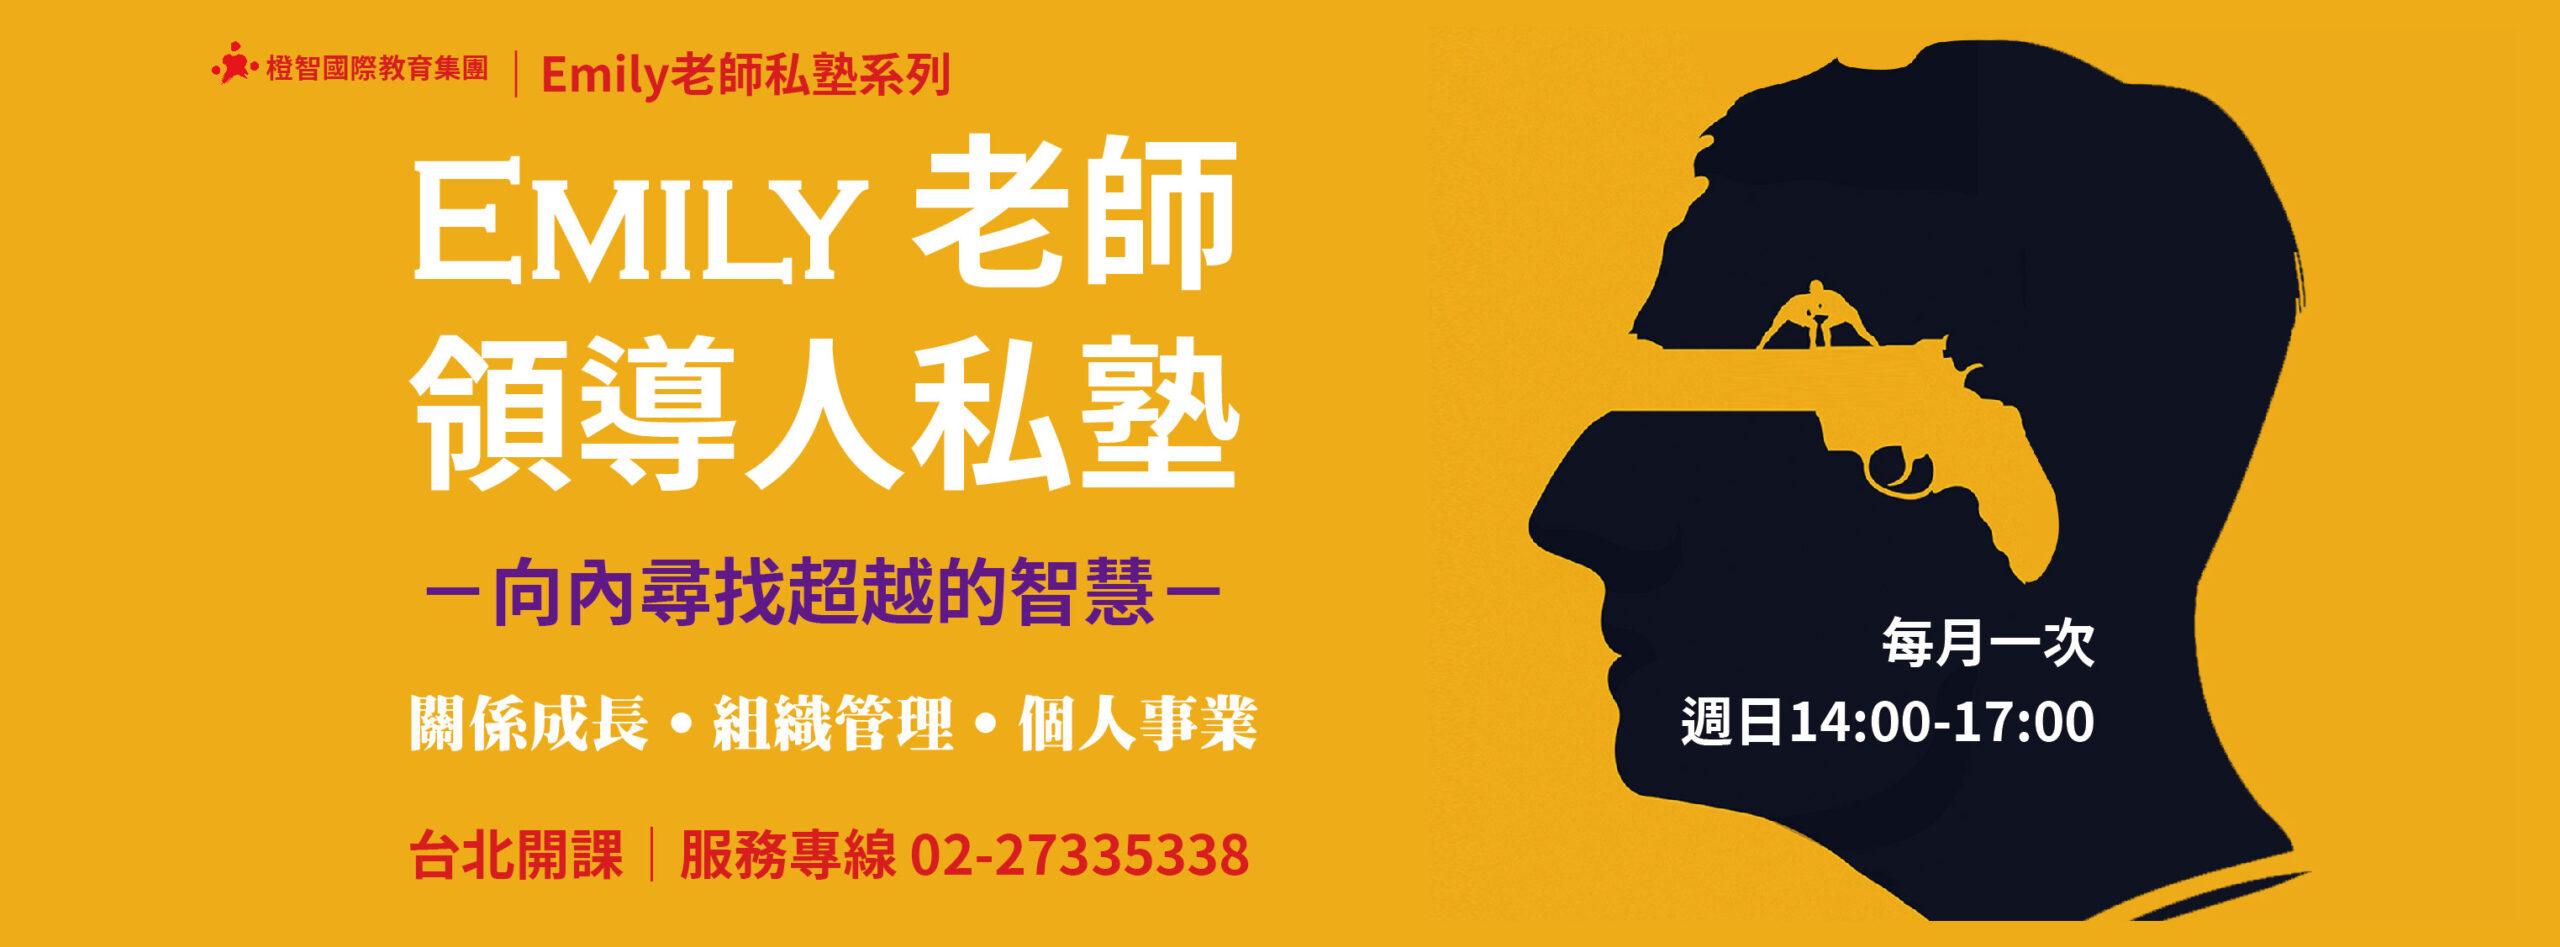 【Emily老師領導人私塾】6月起,台北全新開課